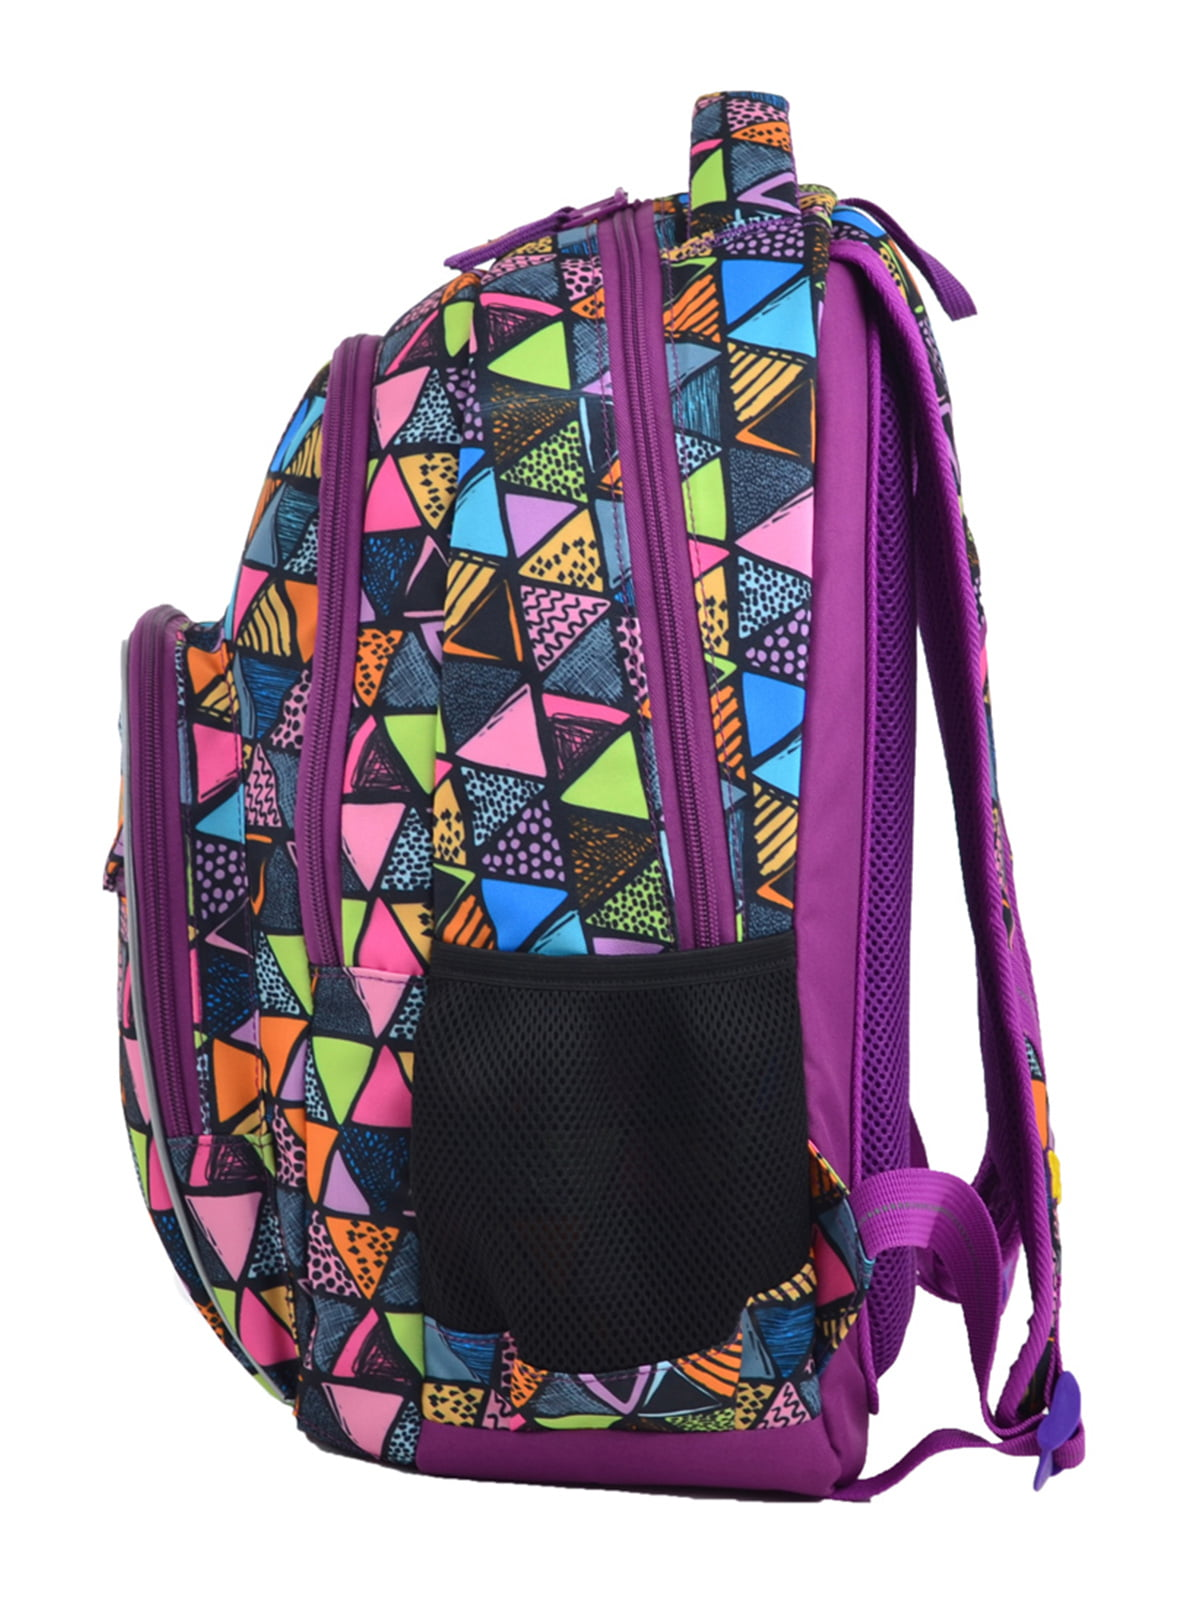 Рюкзак фіолетовий в принт   4235693   фото 3